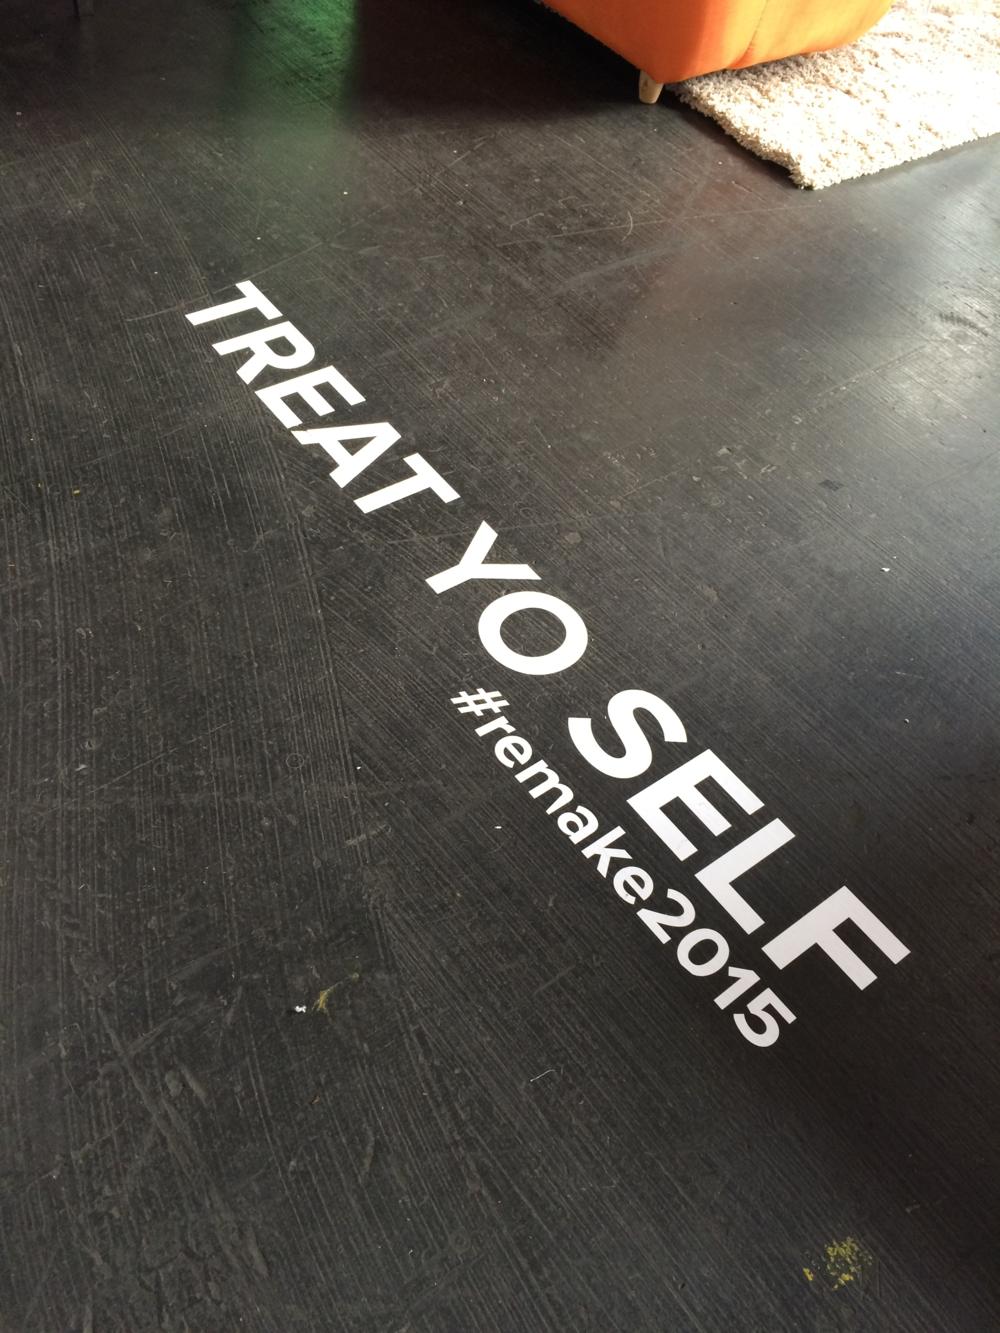 Even the floor was inspiring!